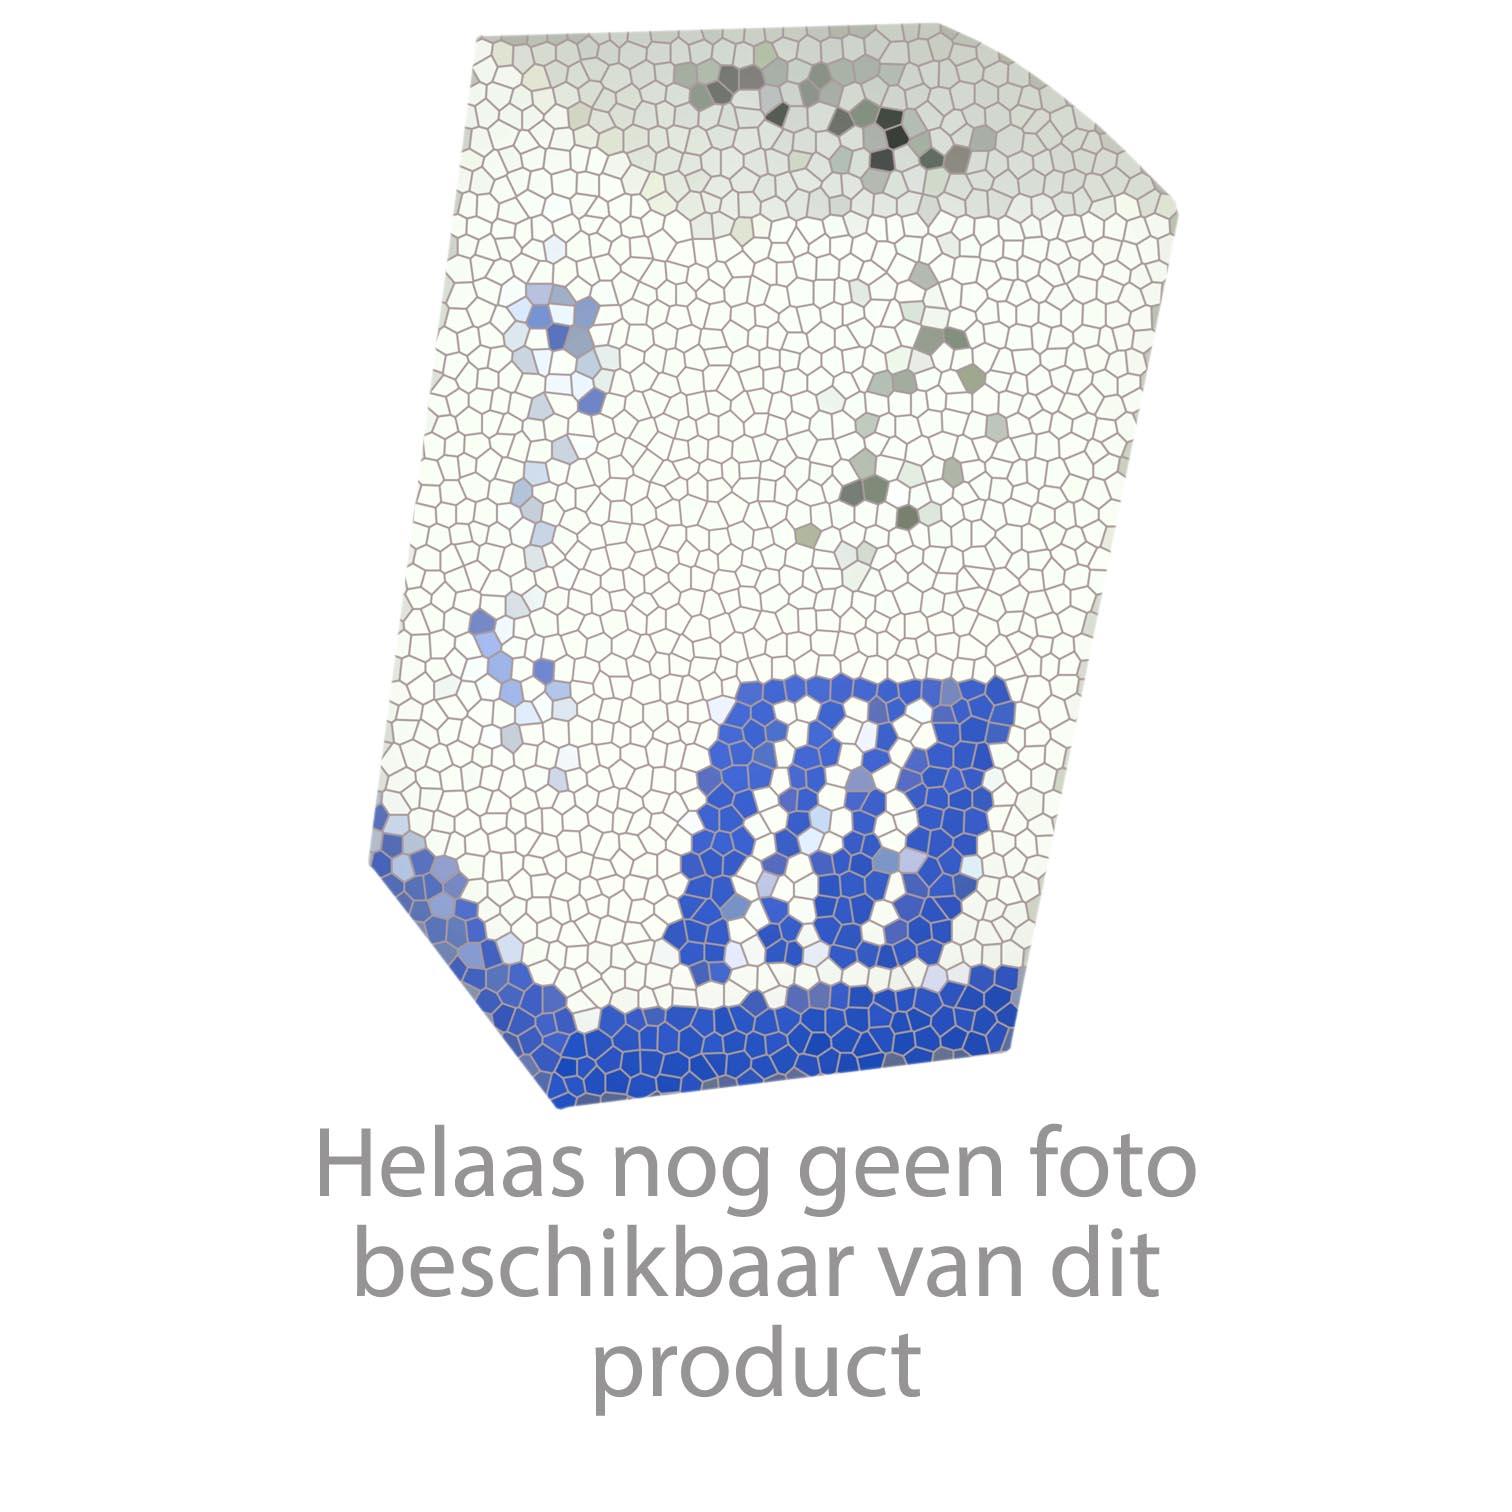 Presto Pro 2-gats bladmodel tussenkraan met uitschuifbare uitloop (200-300mm) h.o.h. 16 - 24cm